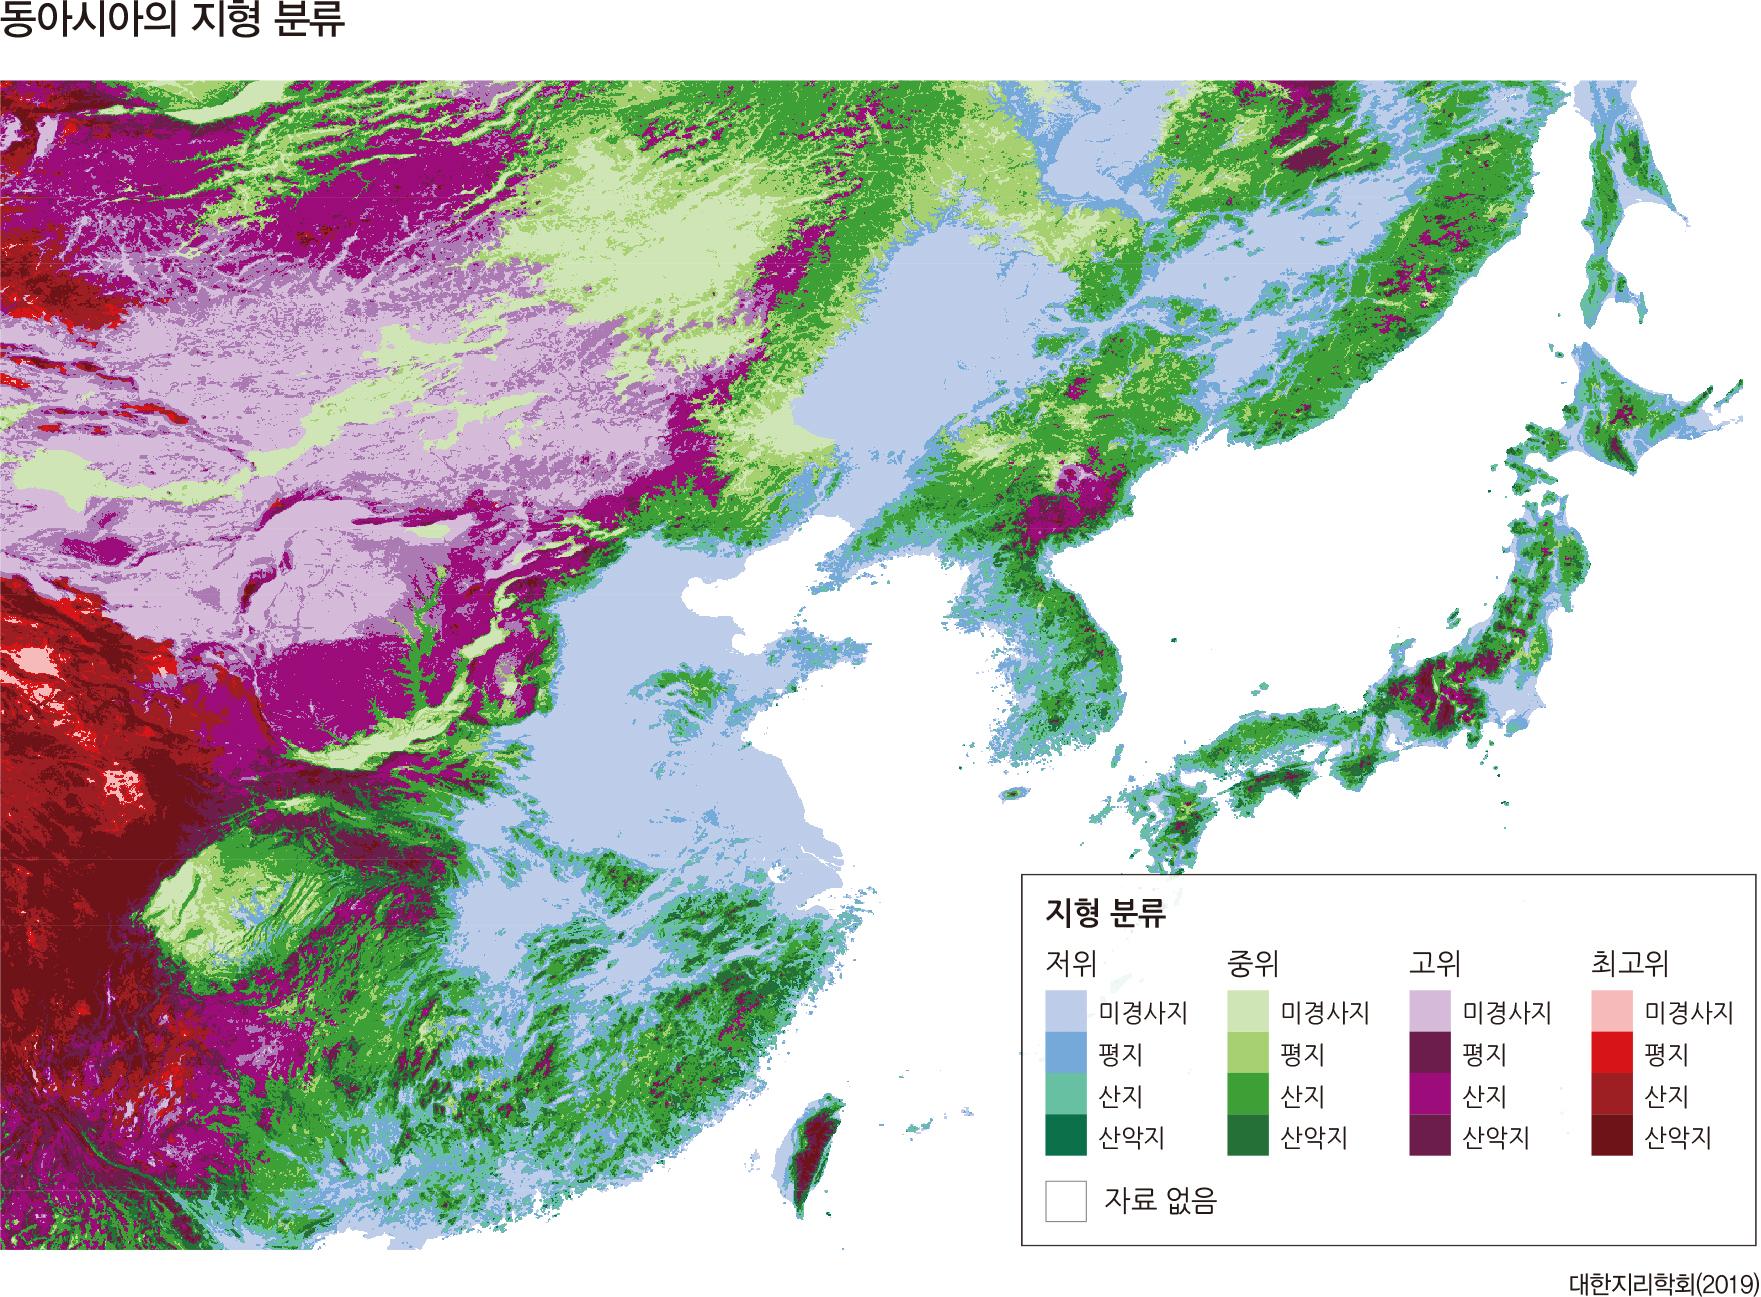 동아시아의 지형 분류